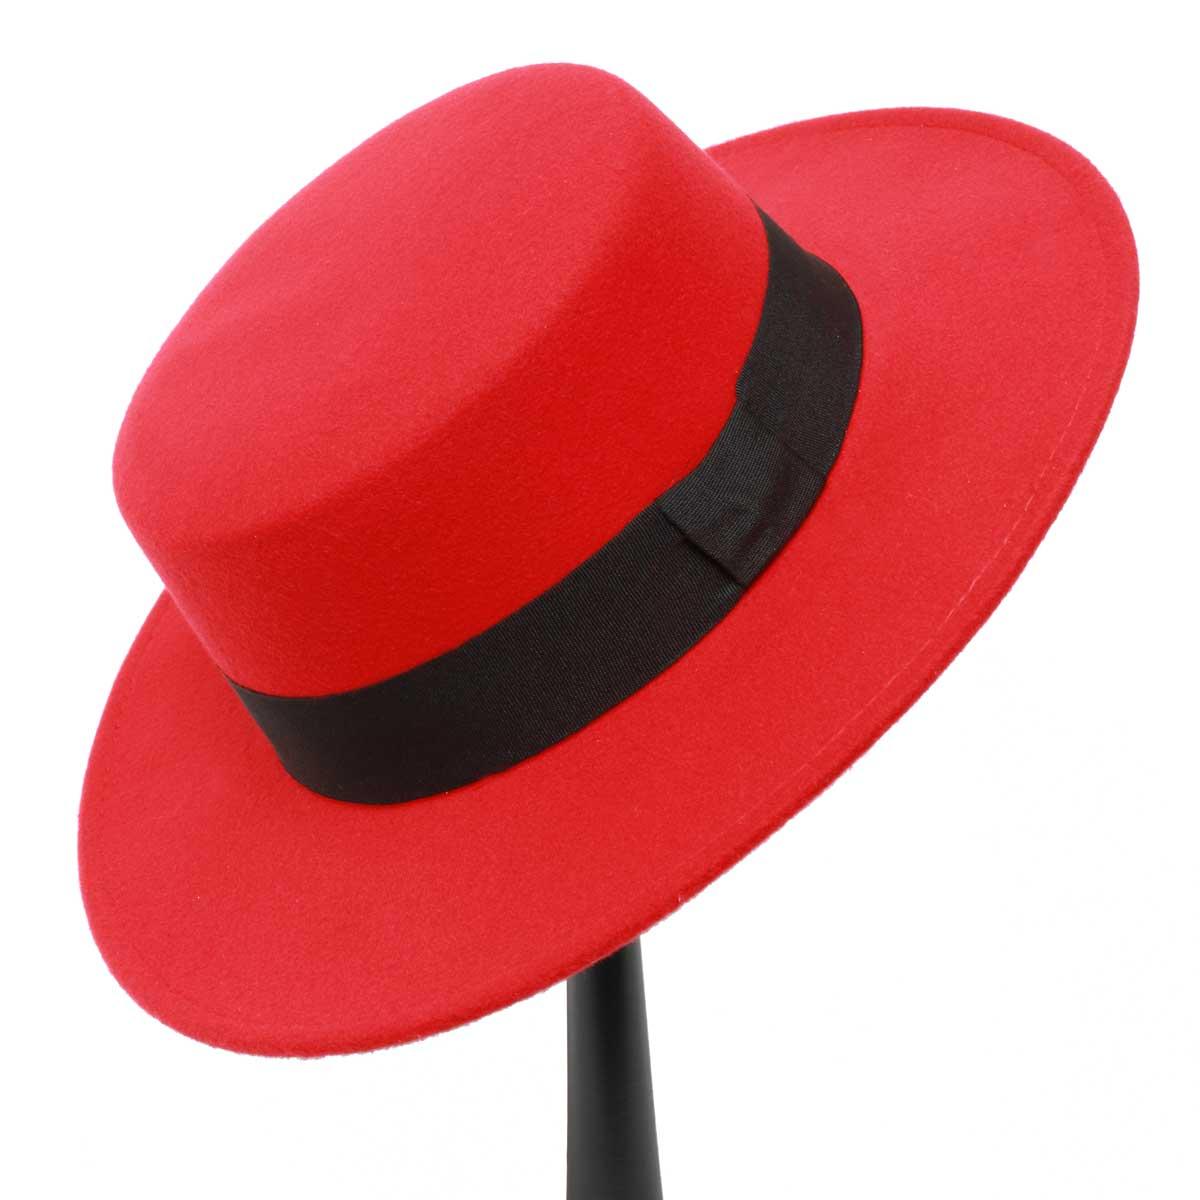 RED GAUCHO HAT 50sp